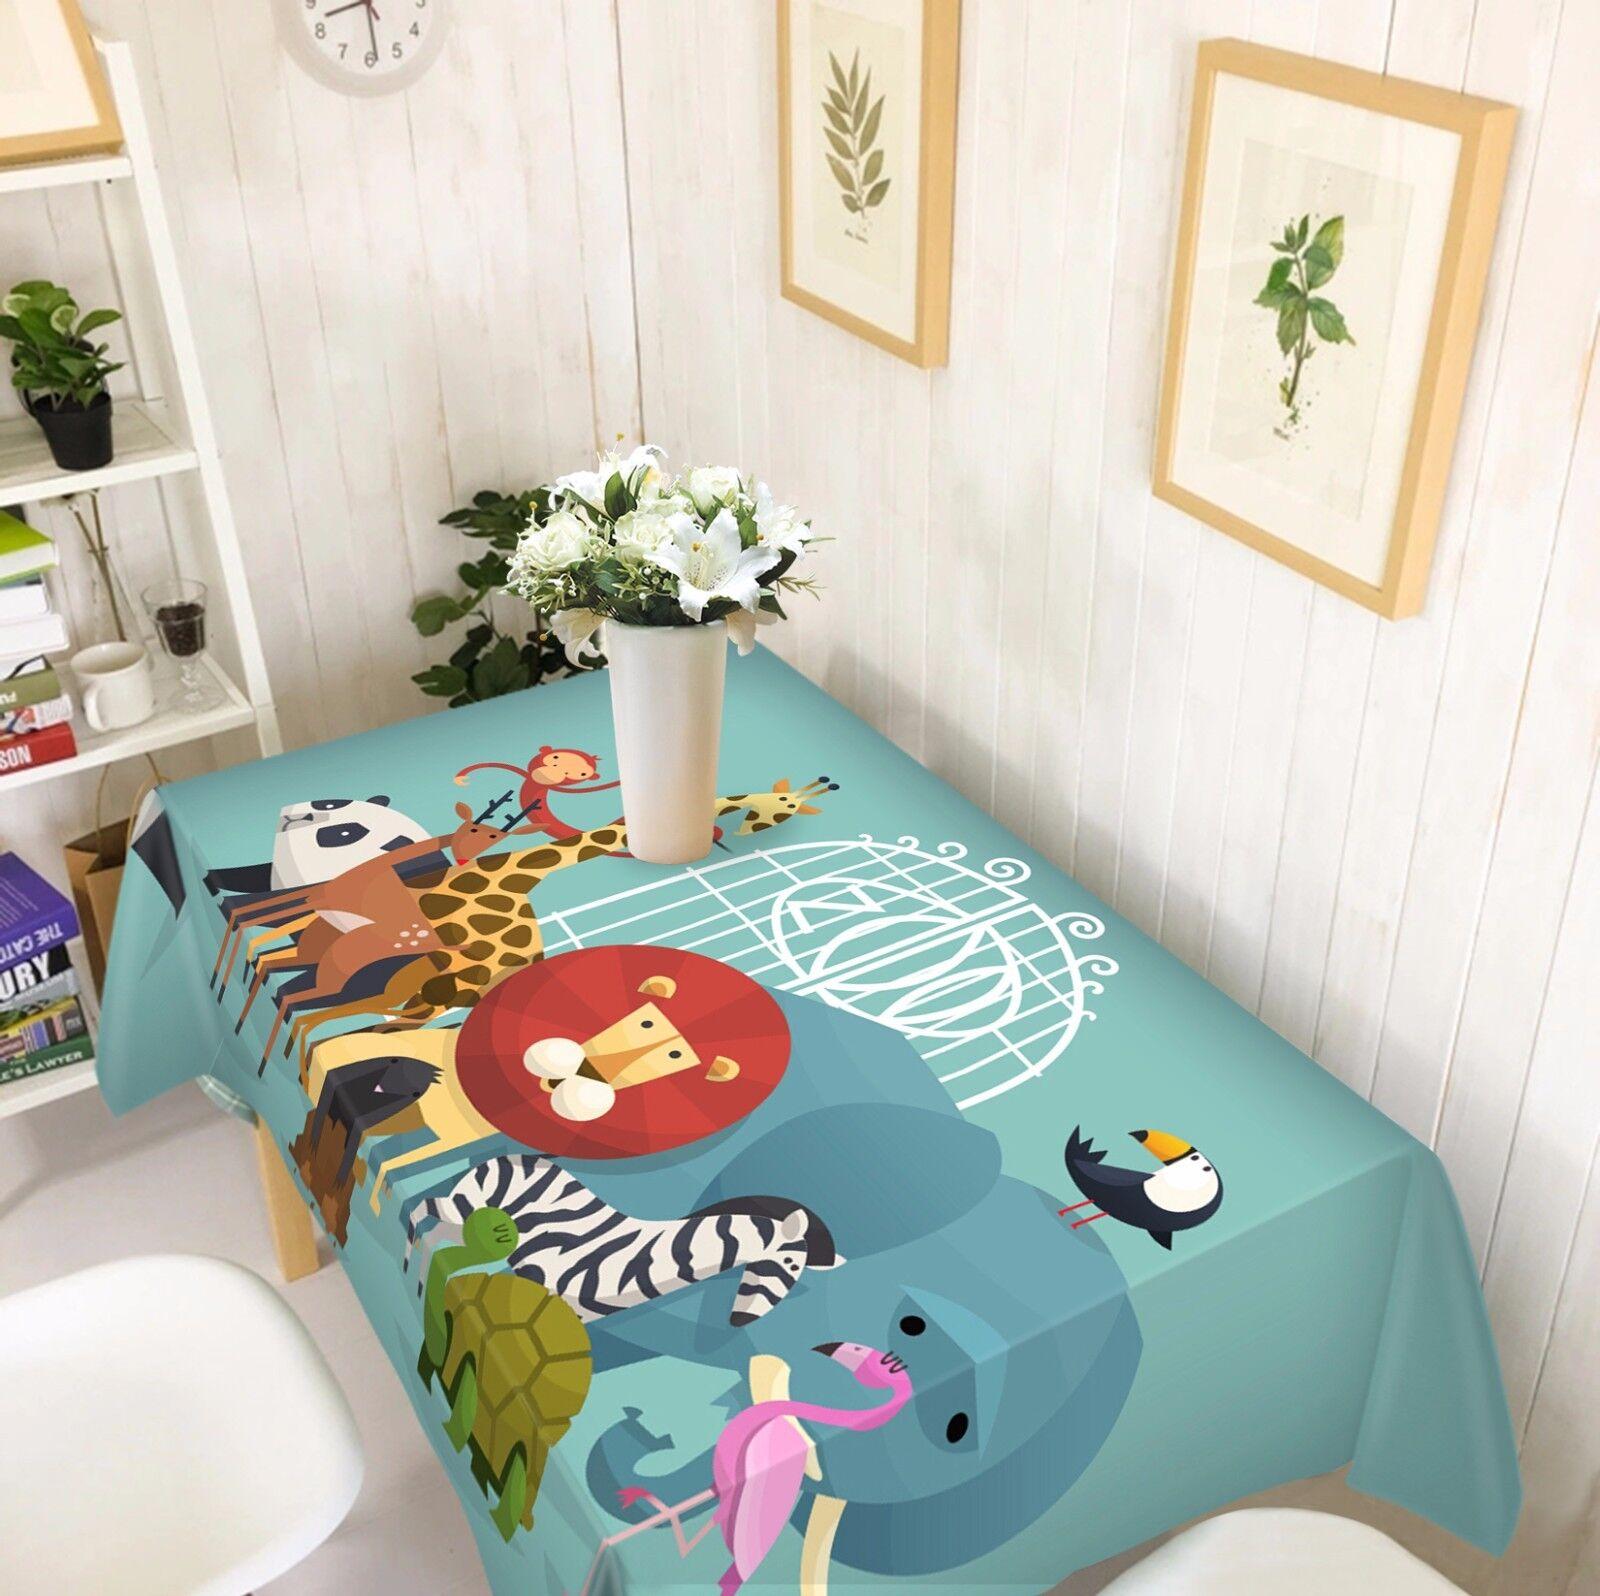 3D CARICATURE 897 Nappe Table Cover Cloth Fête D'Anniversaire événement AJ papier peint UK